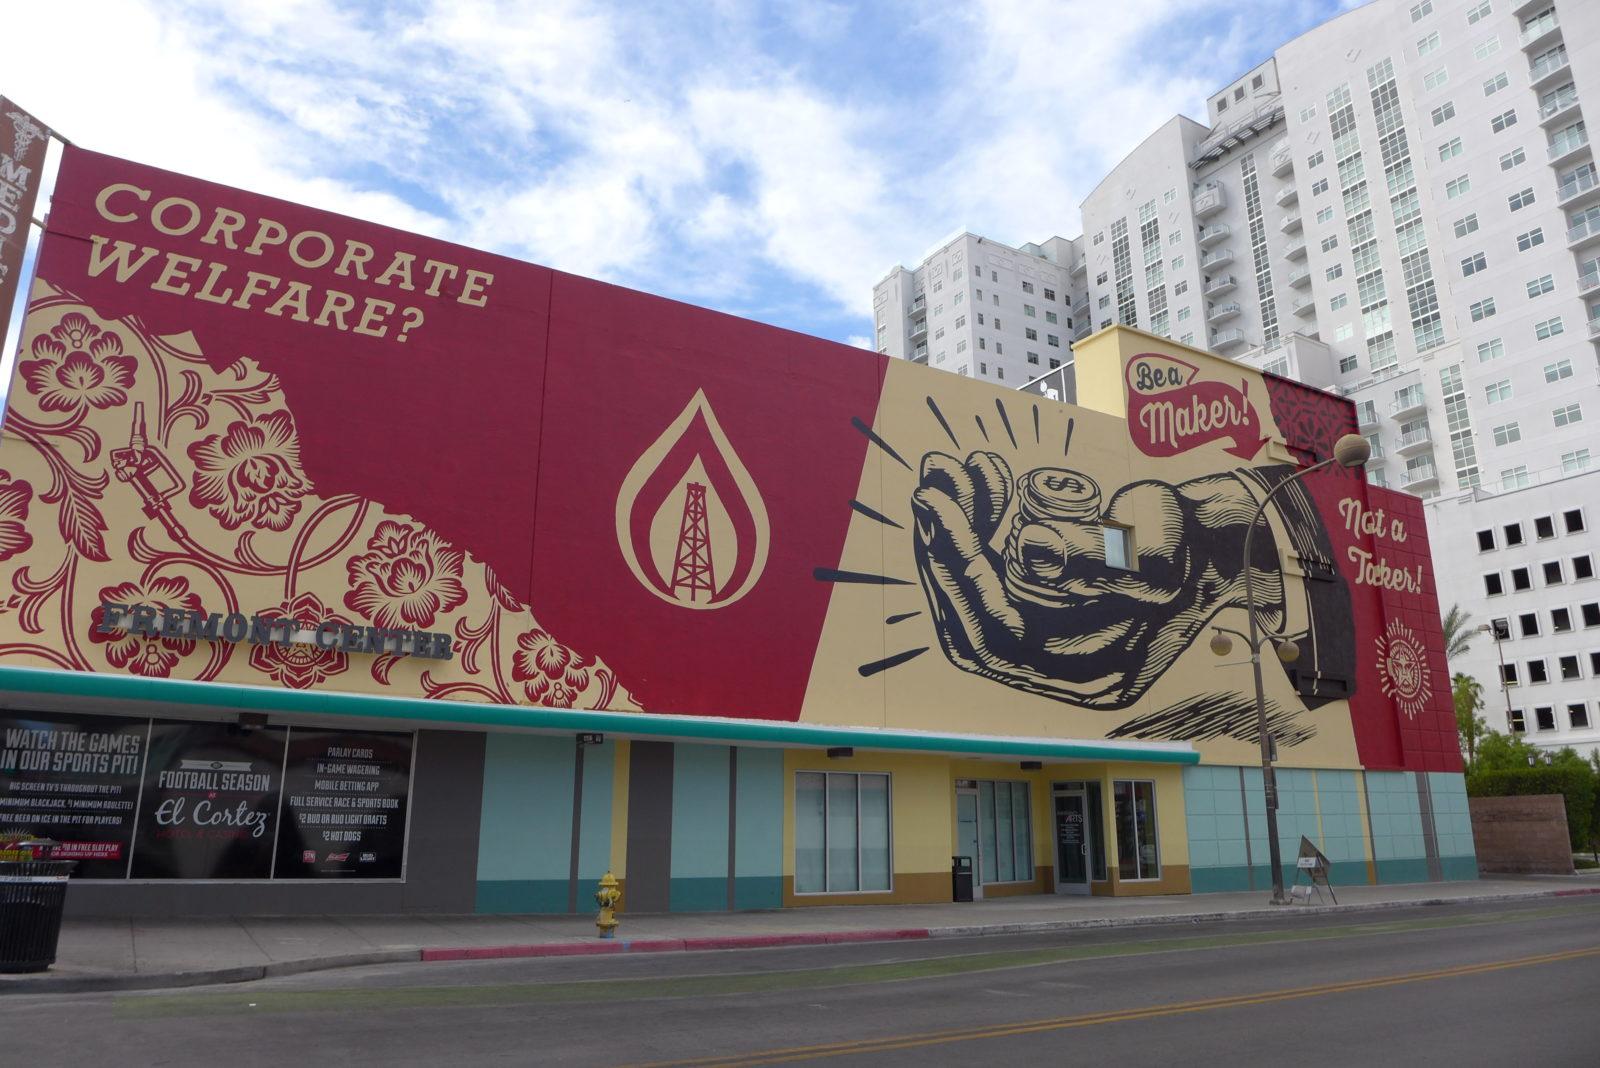 arturbain lasvegas street art murals radar graffitiShepard Fairey - À Las Vegas, un festival de street art et musique revitalise un quartier en perdition